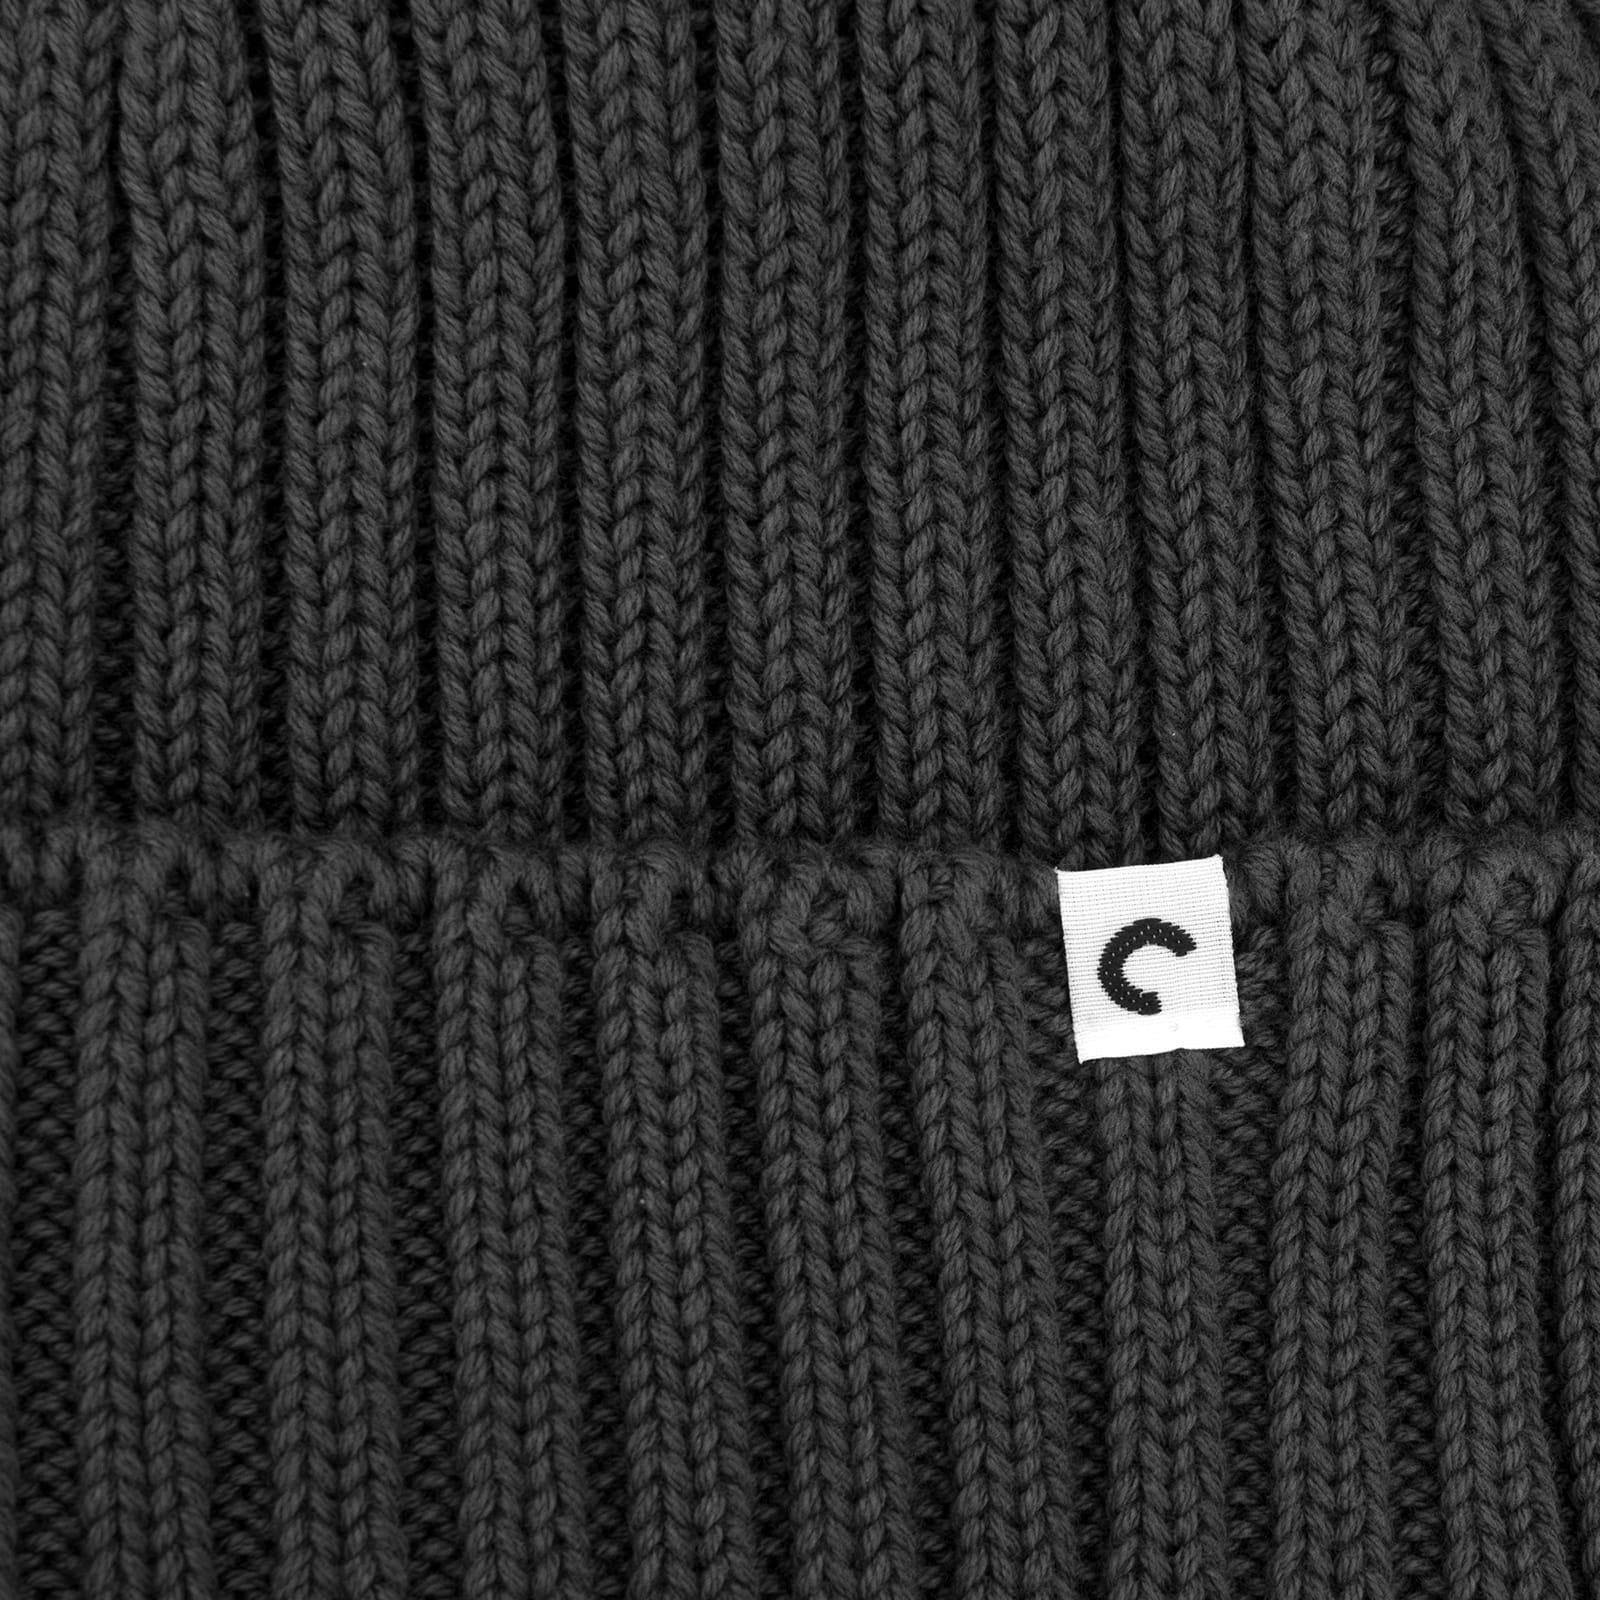 Criterion Knit Cap